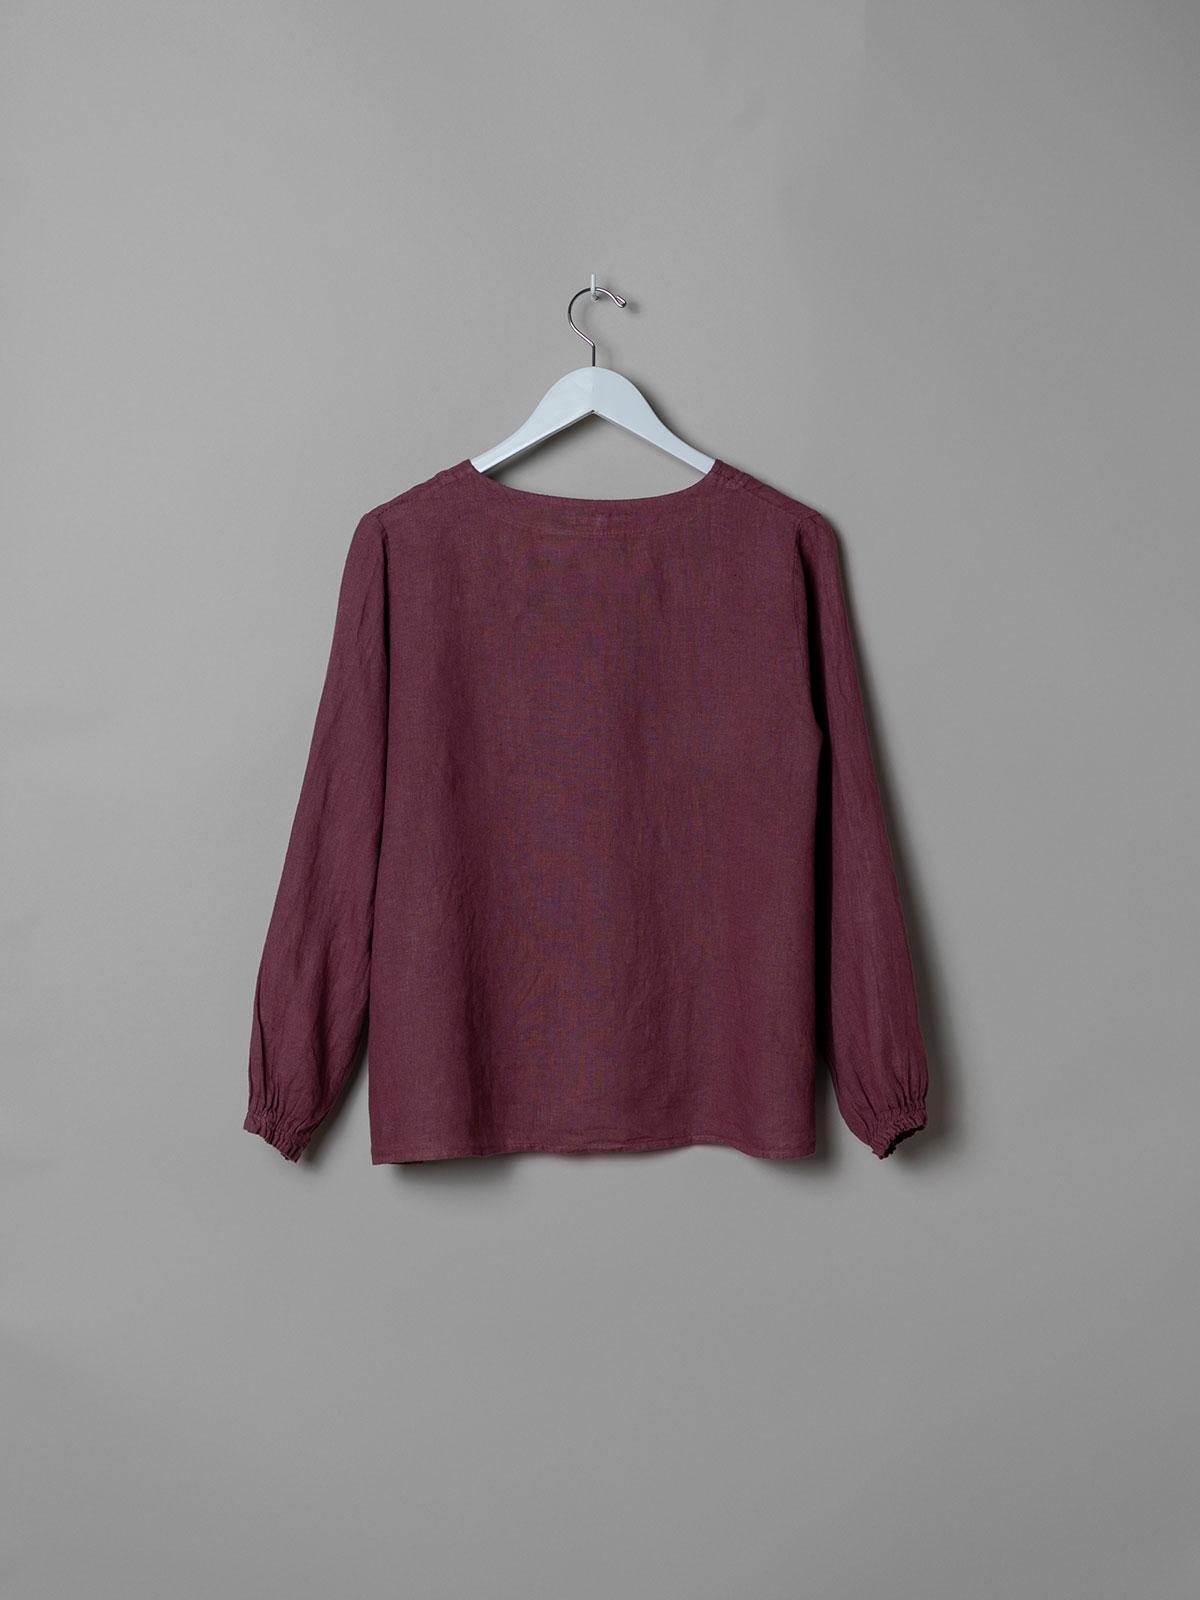 Camisa de lino mujer botones Malva